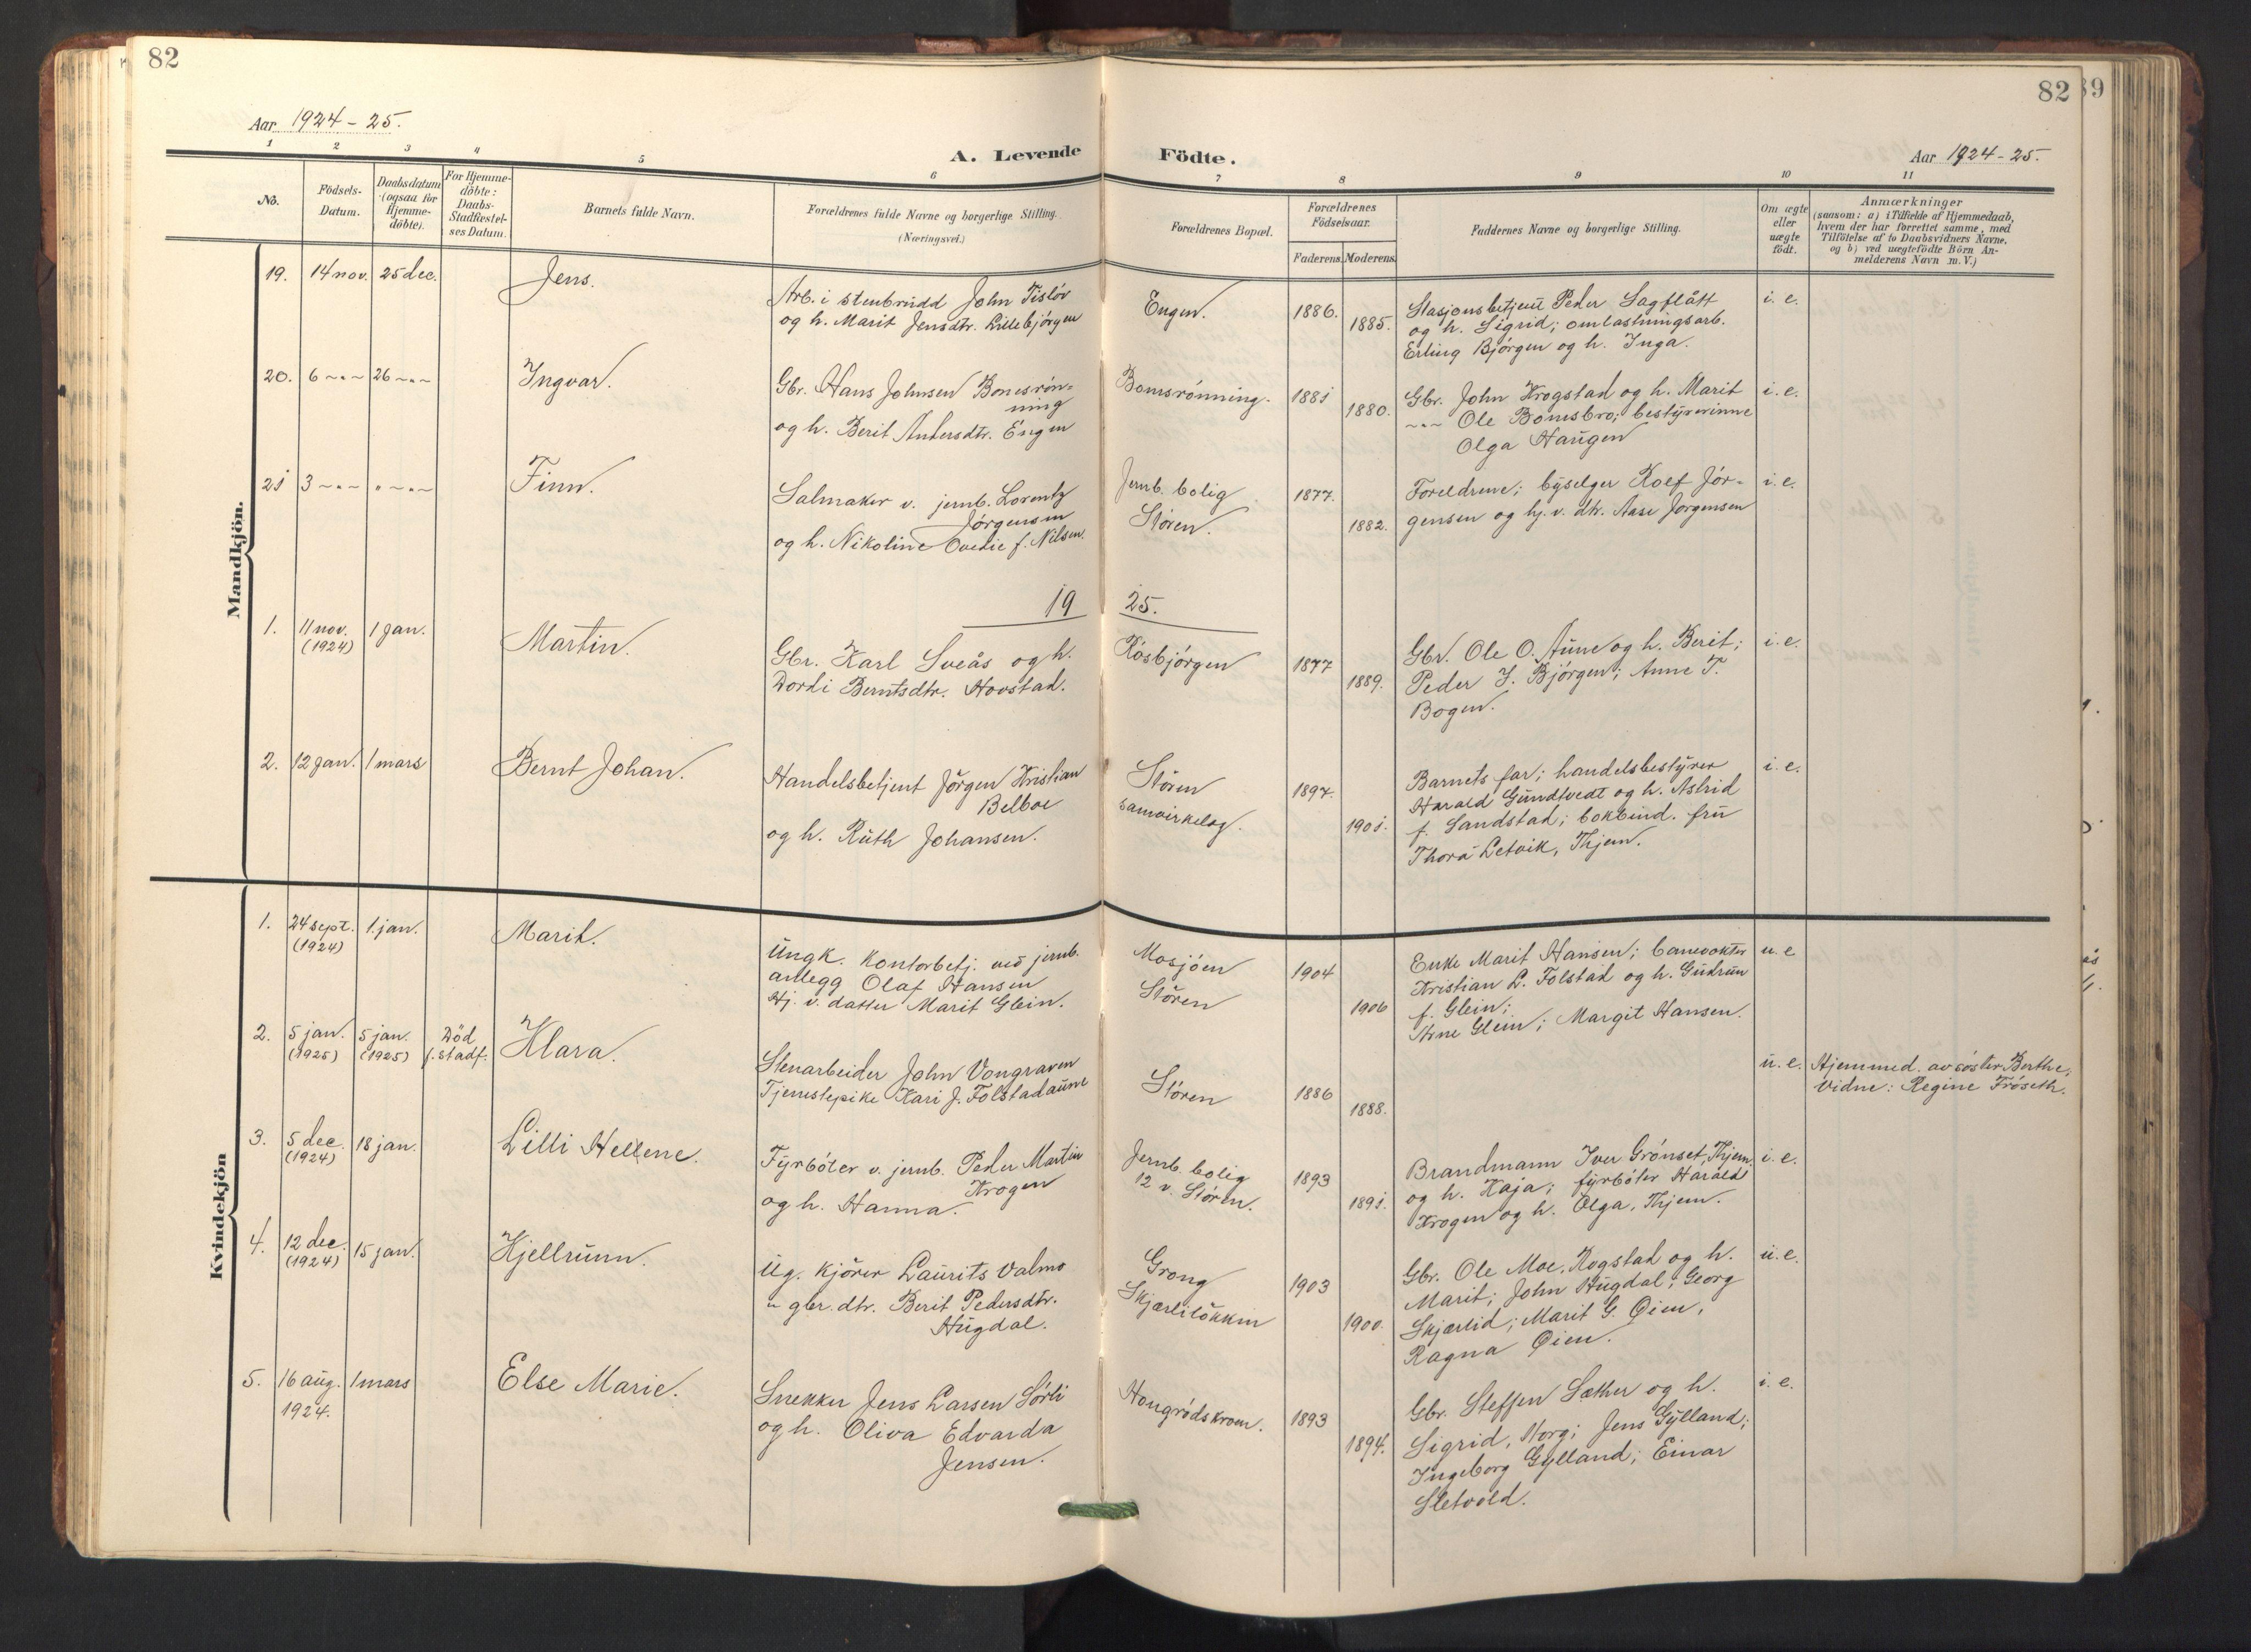 SAT, Ministerialprotokoller, klokkerbøker og fødselsregistre - Sør-Trøndelag, 687/L1019: Klokkerbok nr. 687C03, 1904-1931, s. 82